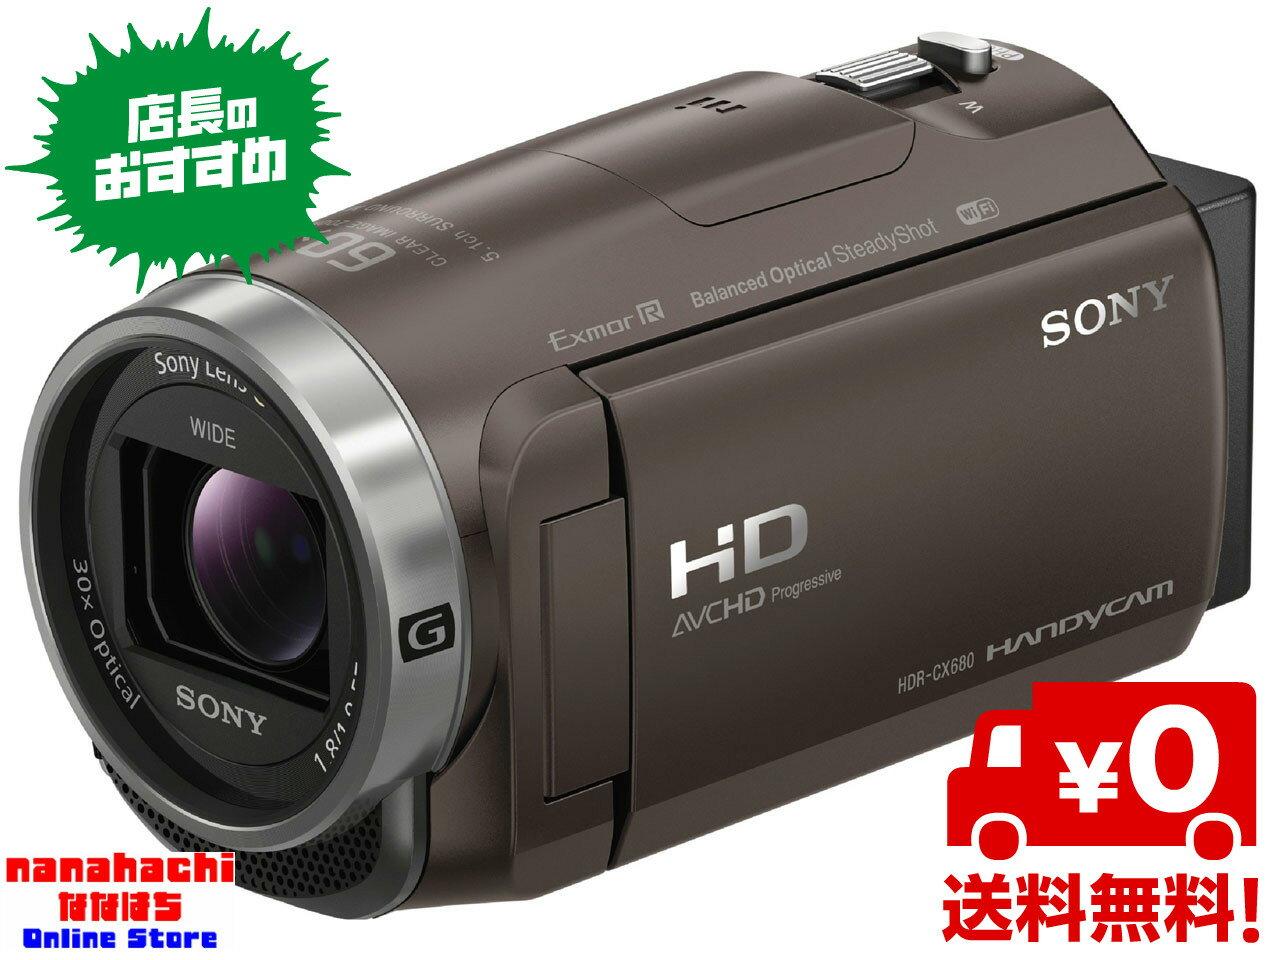 【あす楽対応】【送料無料】SONYソニーHDR-CX680-TI ブロンズブラウン ■デジタルHDビデオカメラレコーダー■さらに手ブレに強くなり、美しい映像を残せる高画質スタンダードモデル■64GBメモリー内蔵HDハンディカム■HDRCX680TIブロンズブラウン